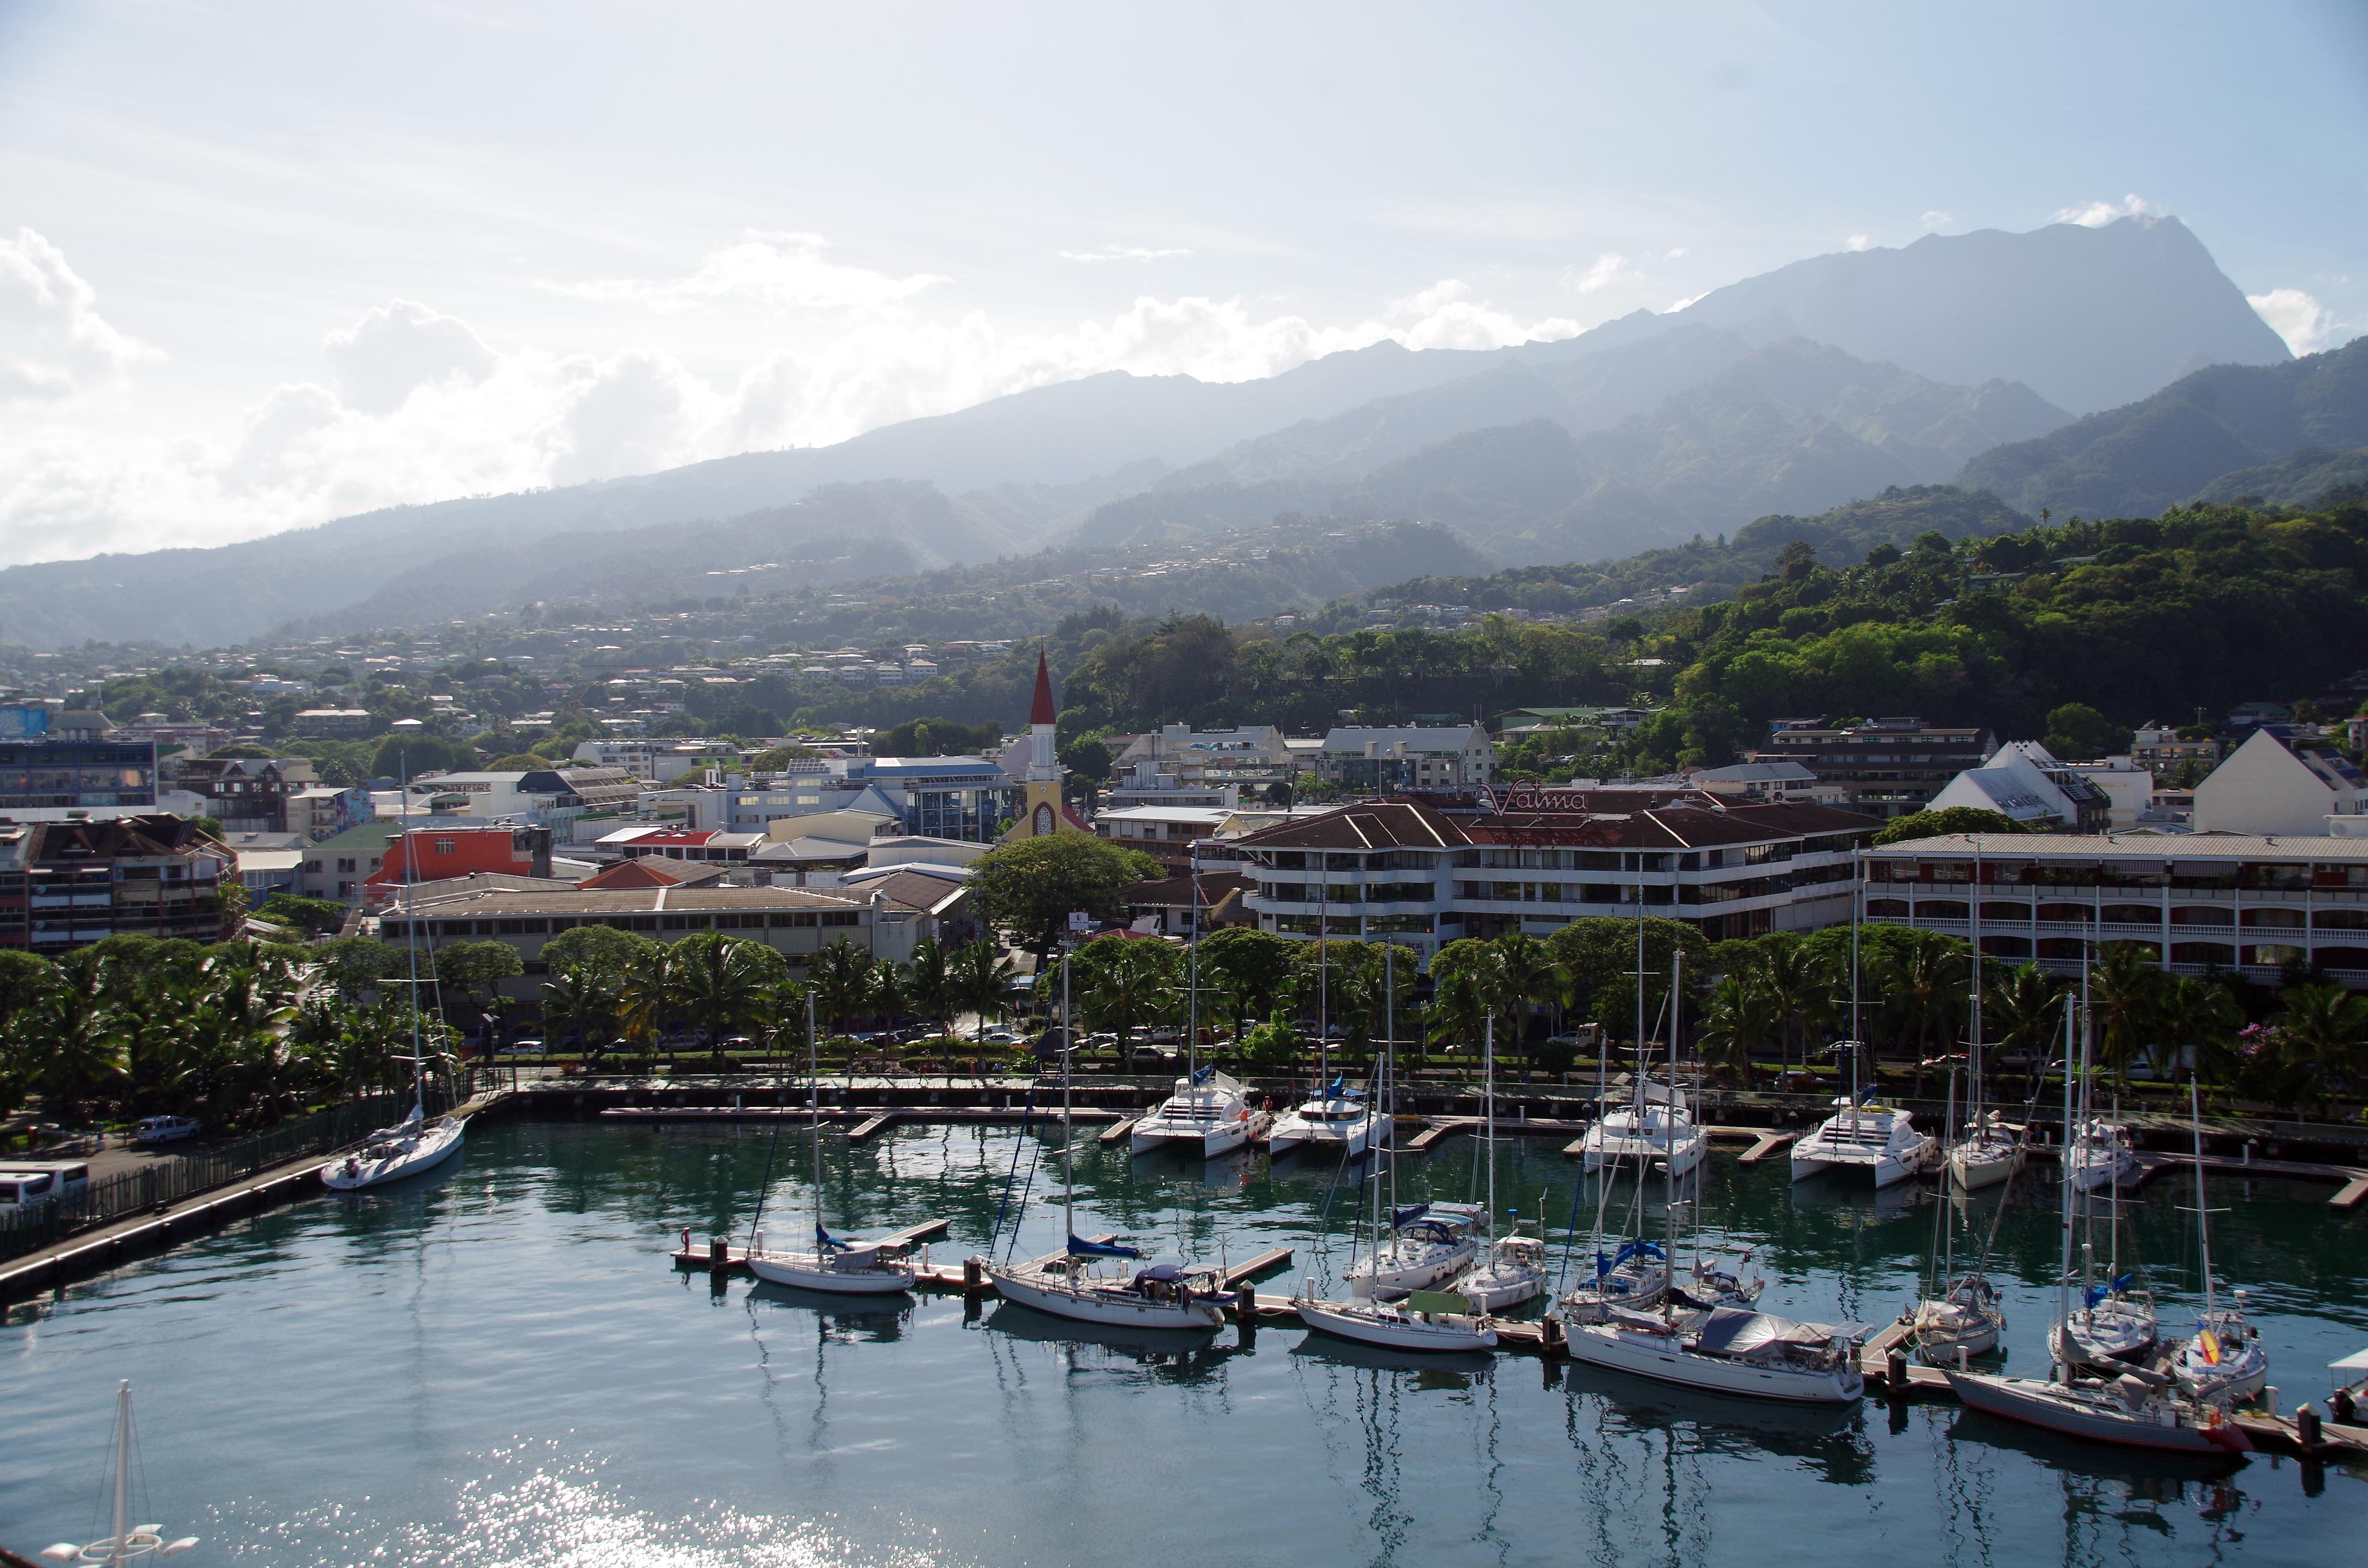 Pate - Wikipedia Map Of Punavai Punaauia Tahiti on faaone tahiti, hotel tiare tahiti, bora bora tahiti, hitiaa tahiti, huahine tahiti, papenoo tahiti, teahupoo tahiti, faa'a tahiti, tahiti tahiti, rangiroa tahiti, pirae tahiti, museum of tahiti, tikehau tahiti, vairao tahiti, mahina tahiti, paea tahiti, manava resort tahiti, papeete tahiti, papara tahiti, gauguin museum tahiti,